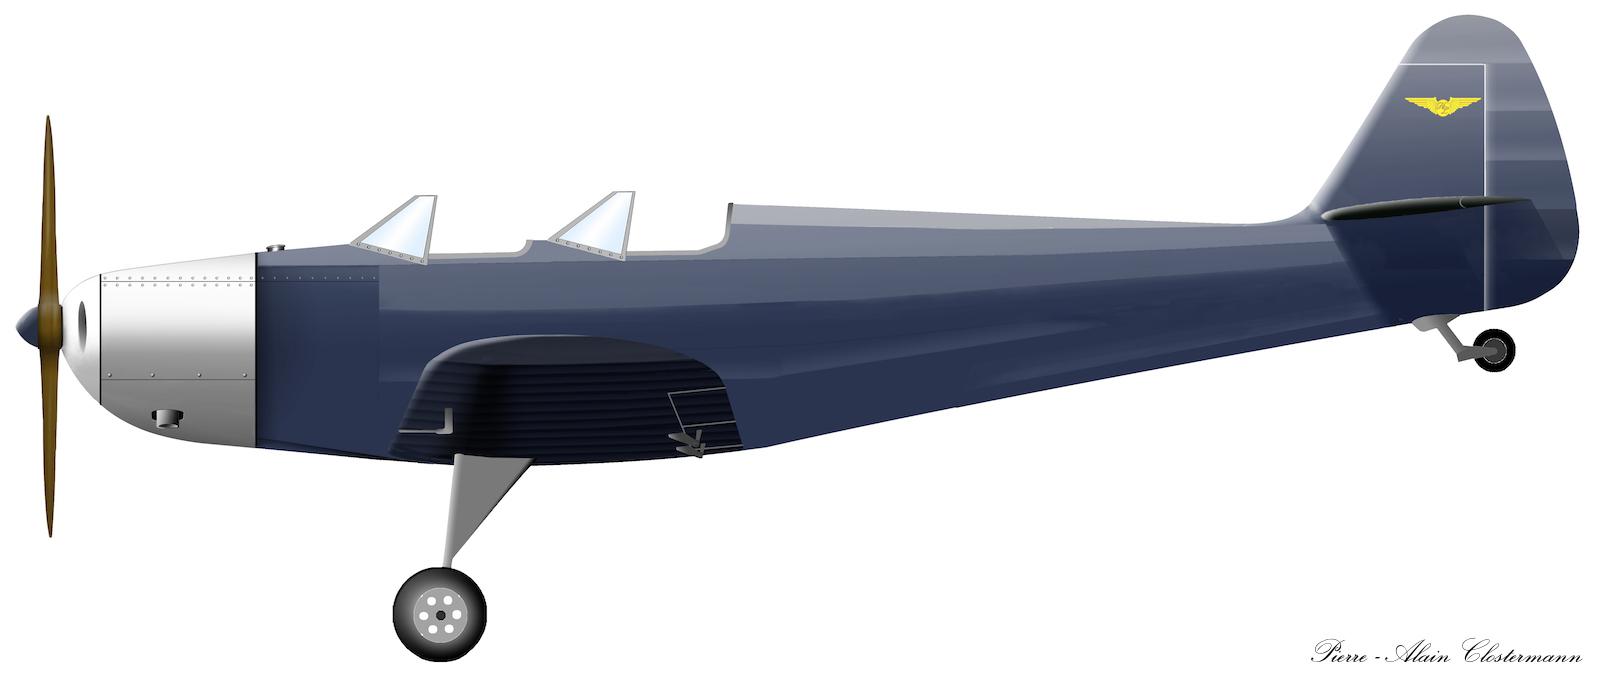 Avion-HL2-Bresil-1939.jpg